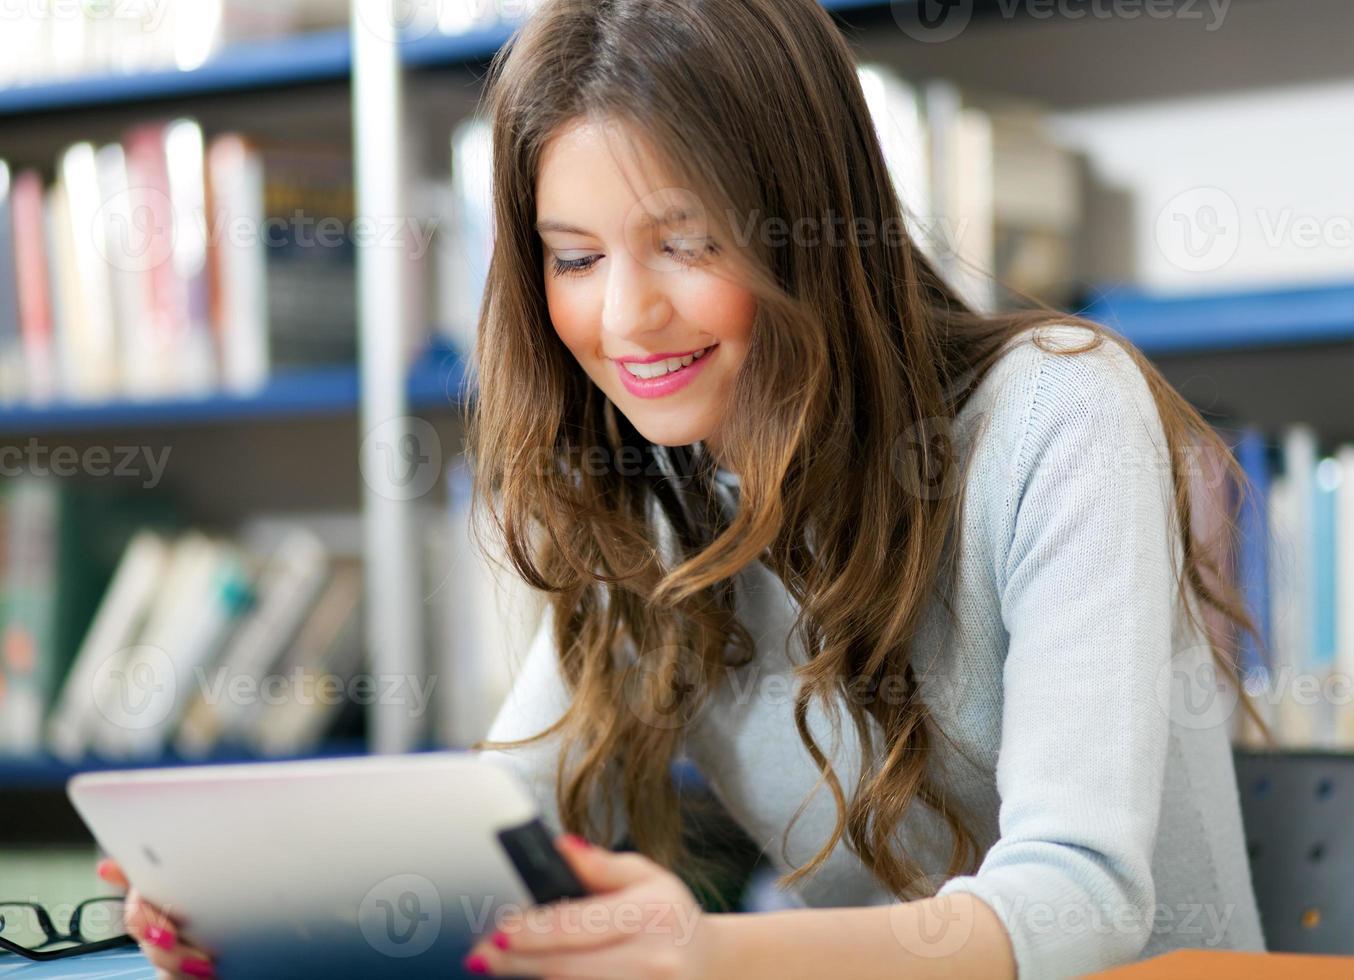 vrouwelijke student met behulp van een tablet foto